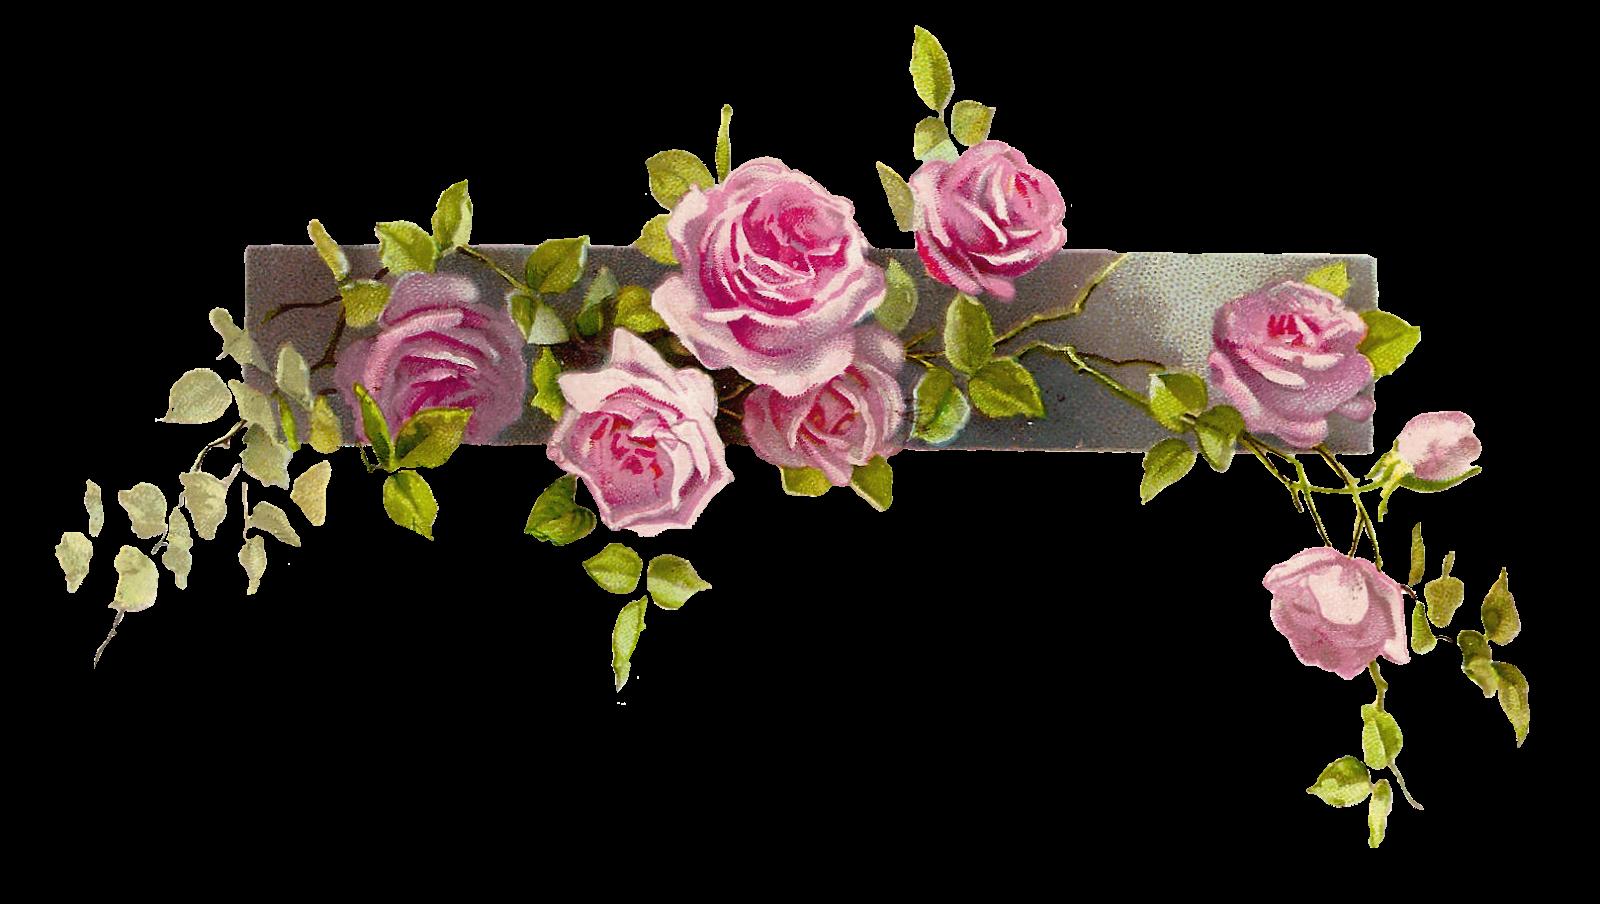 Border Flower Rose Line   Free Images At Clker Com   Vector Clip Art